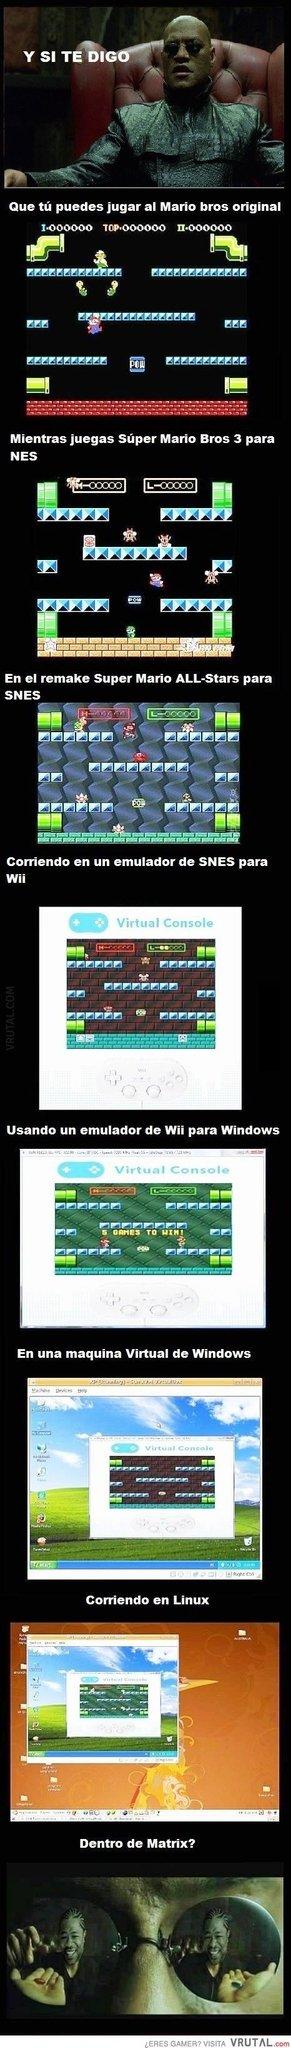 NES - meme